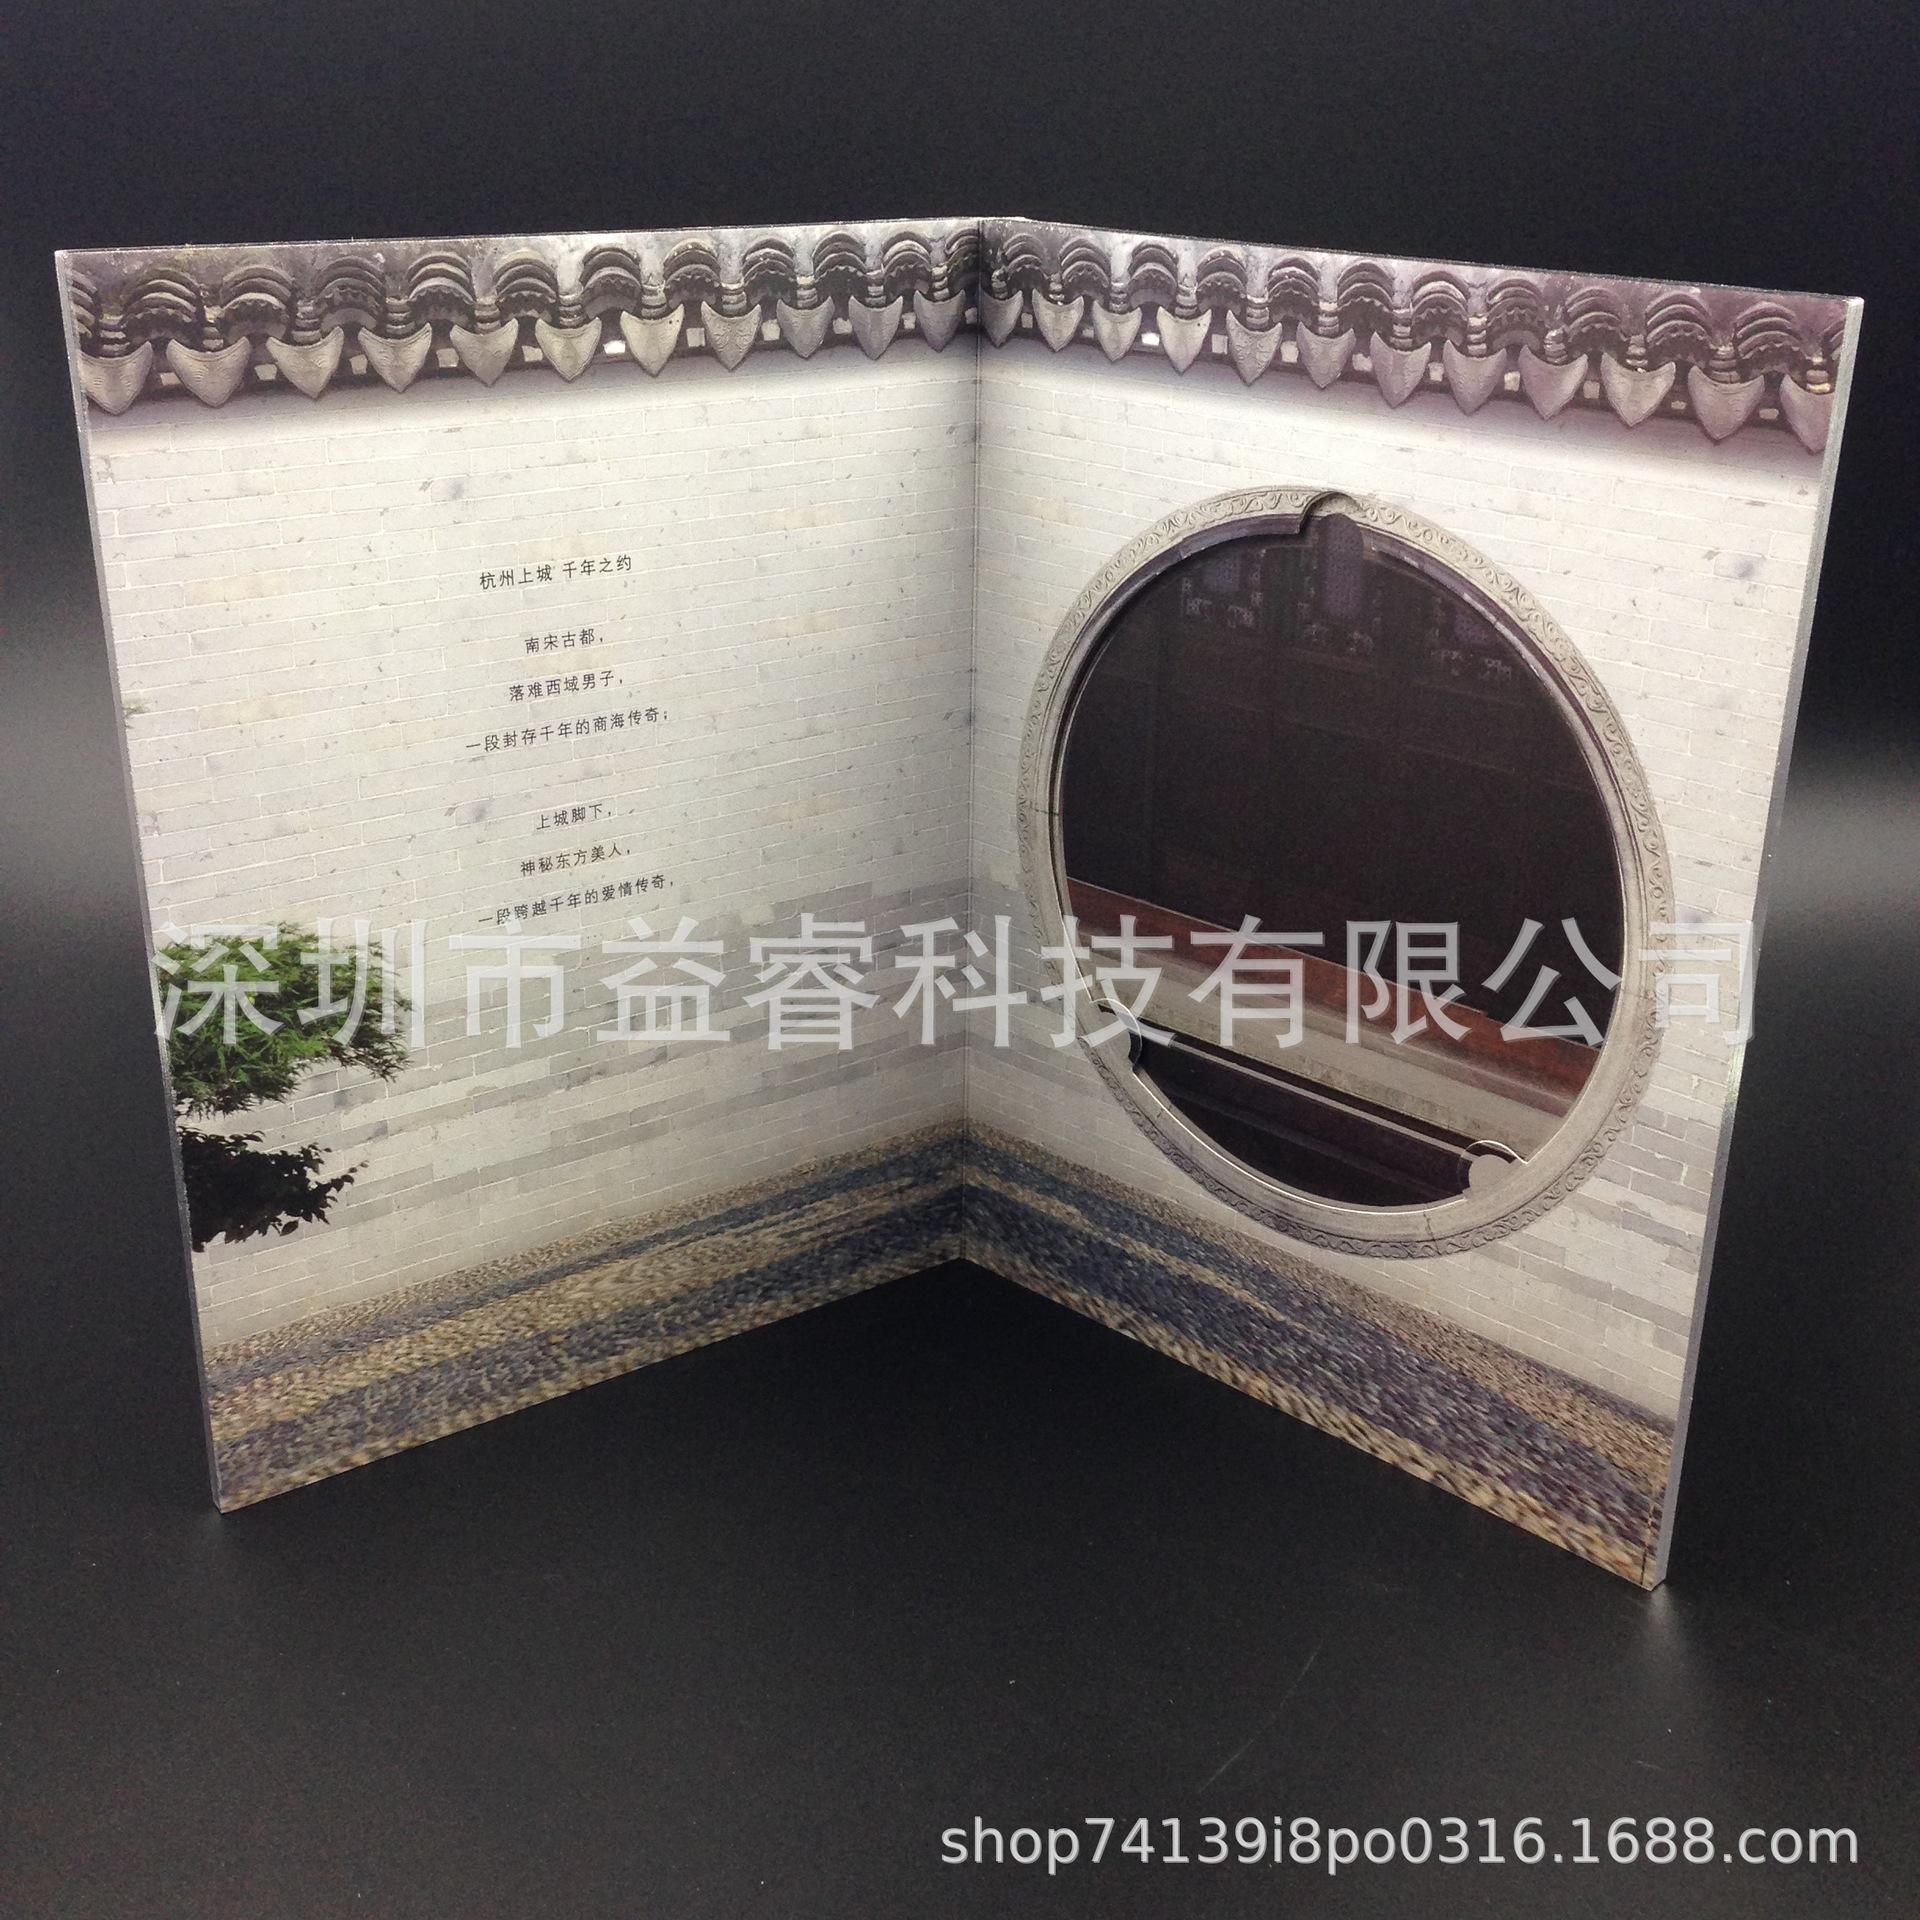 光盘包装盒定制/光盘封套印刷定做/光盘纸袋印刷/高档光盘盒印刷